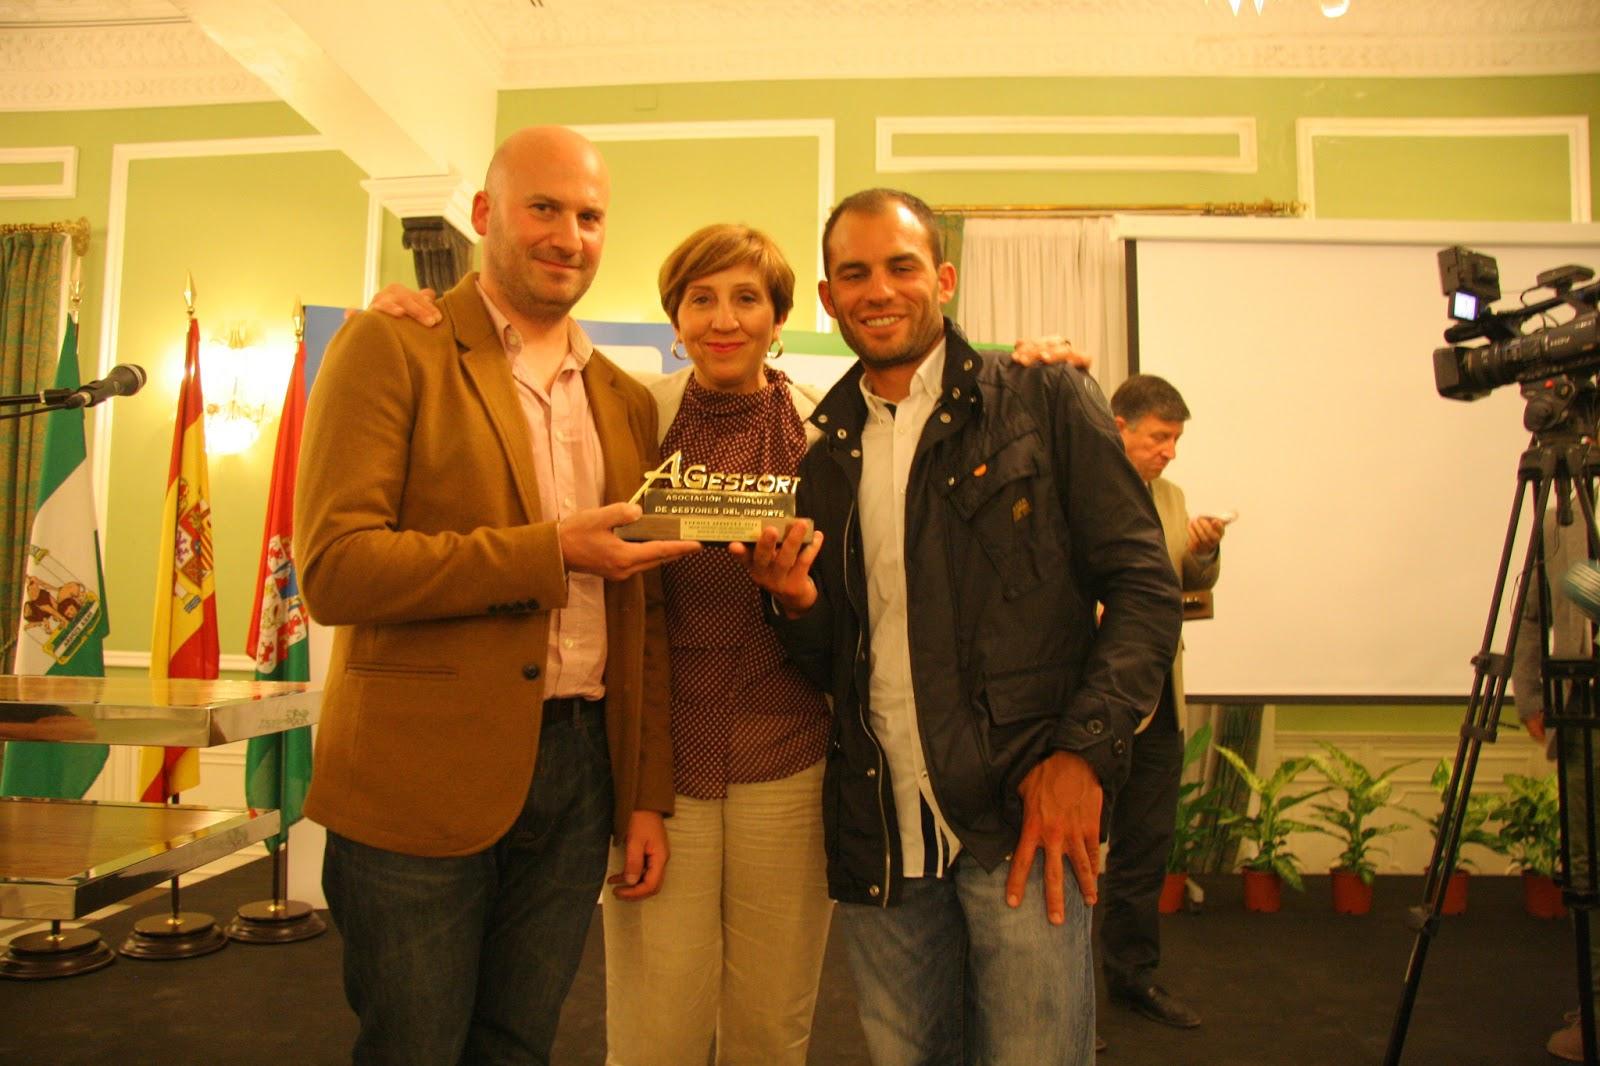 Premio agesport delegaci n de deportes de do a menc a - Fotos de dona mencia ...